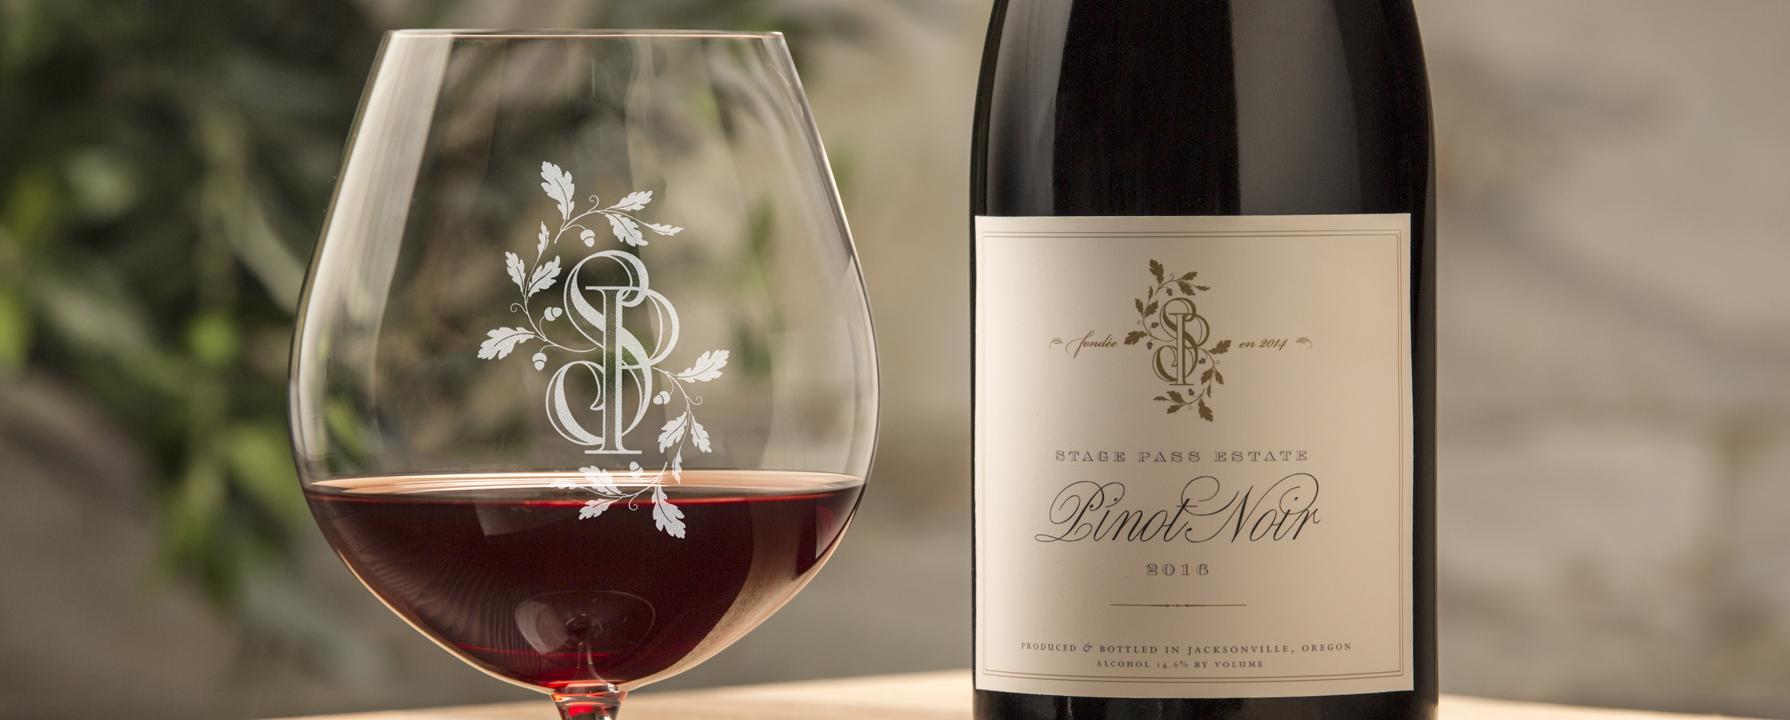 New Wine.jpg